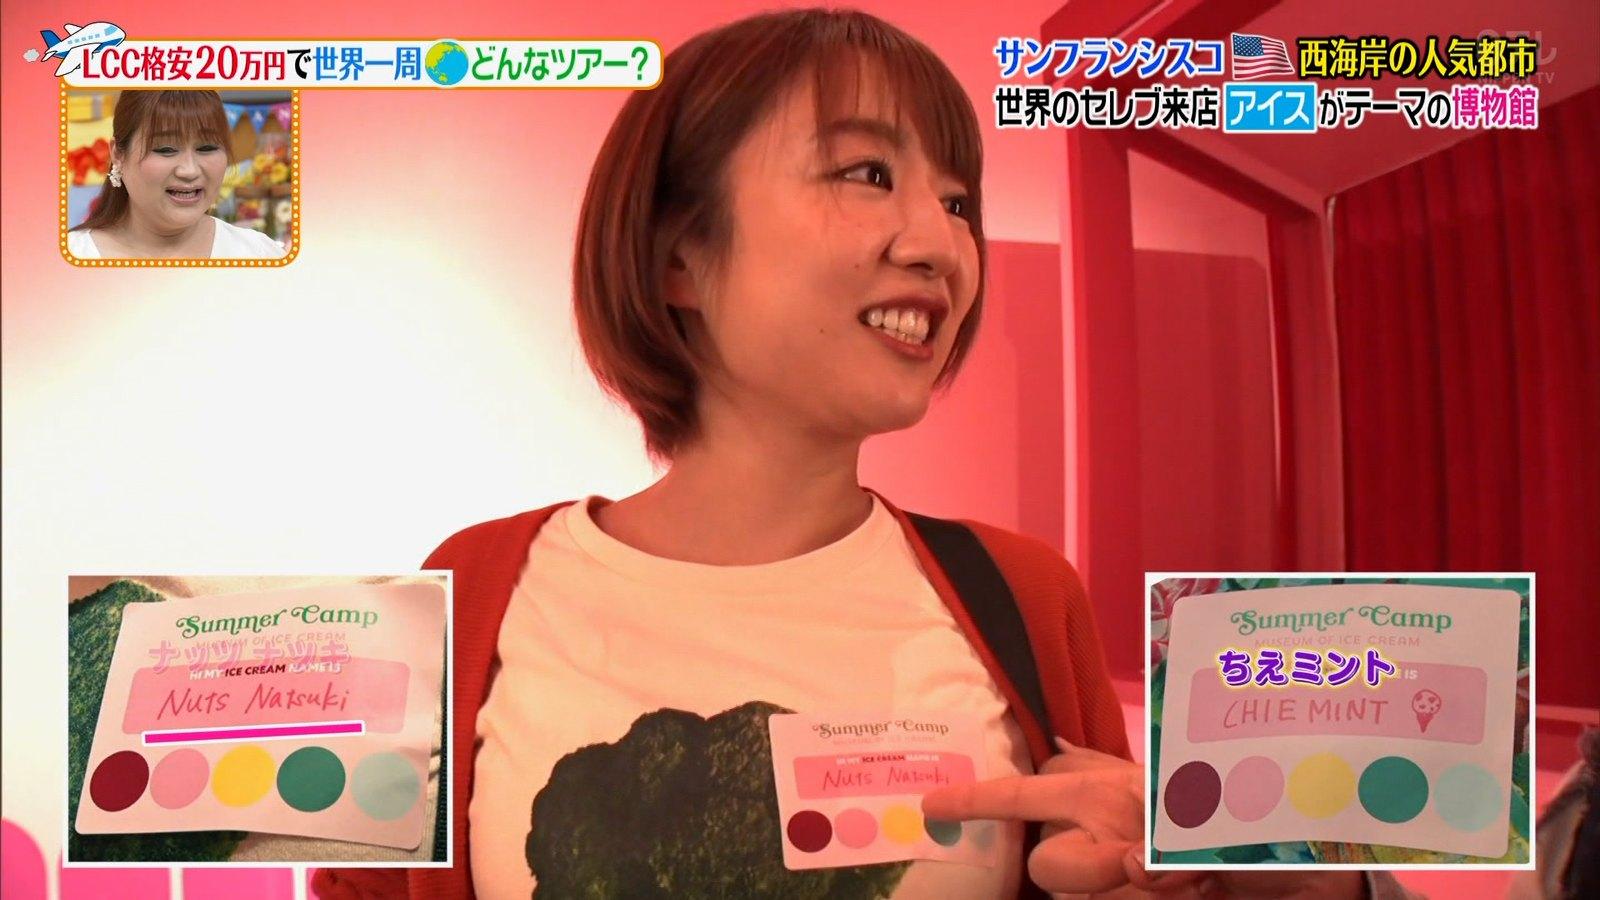 2019年10月8日に放送された「ヒルナンデス!」に出演した滝菜月さんのテレビキャプチャー画像--006